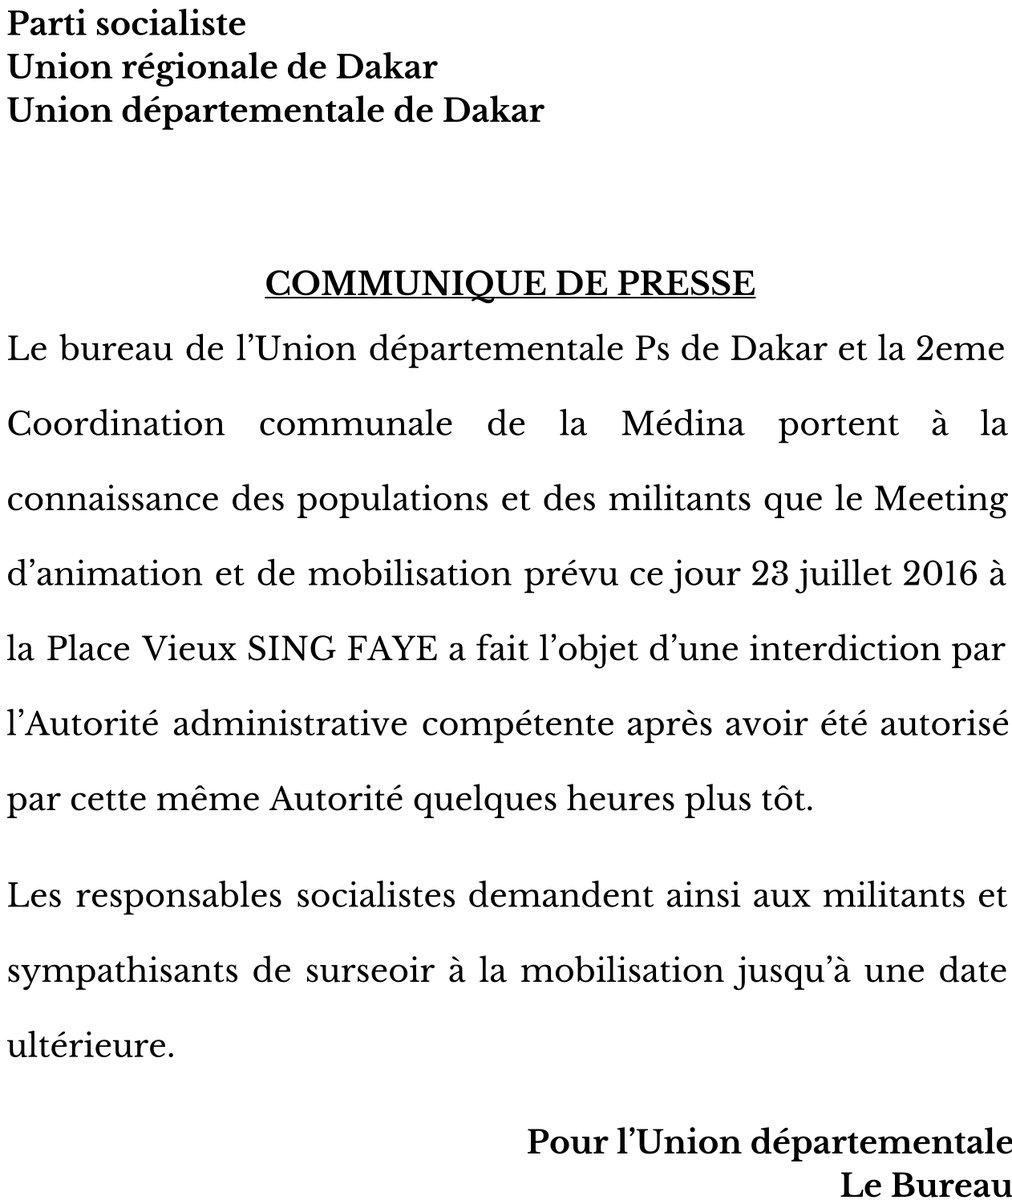 Dernière minute : Khalifa Sall et Cie se plient à l'interdiction du Préfet de Dakar